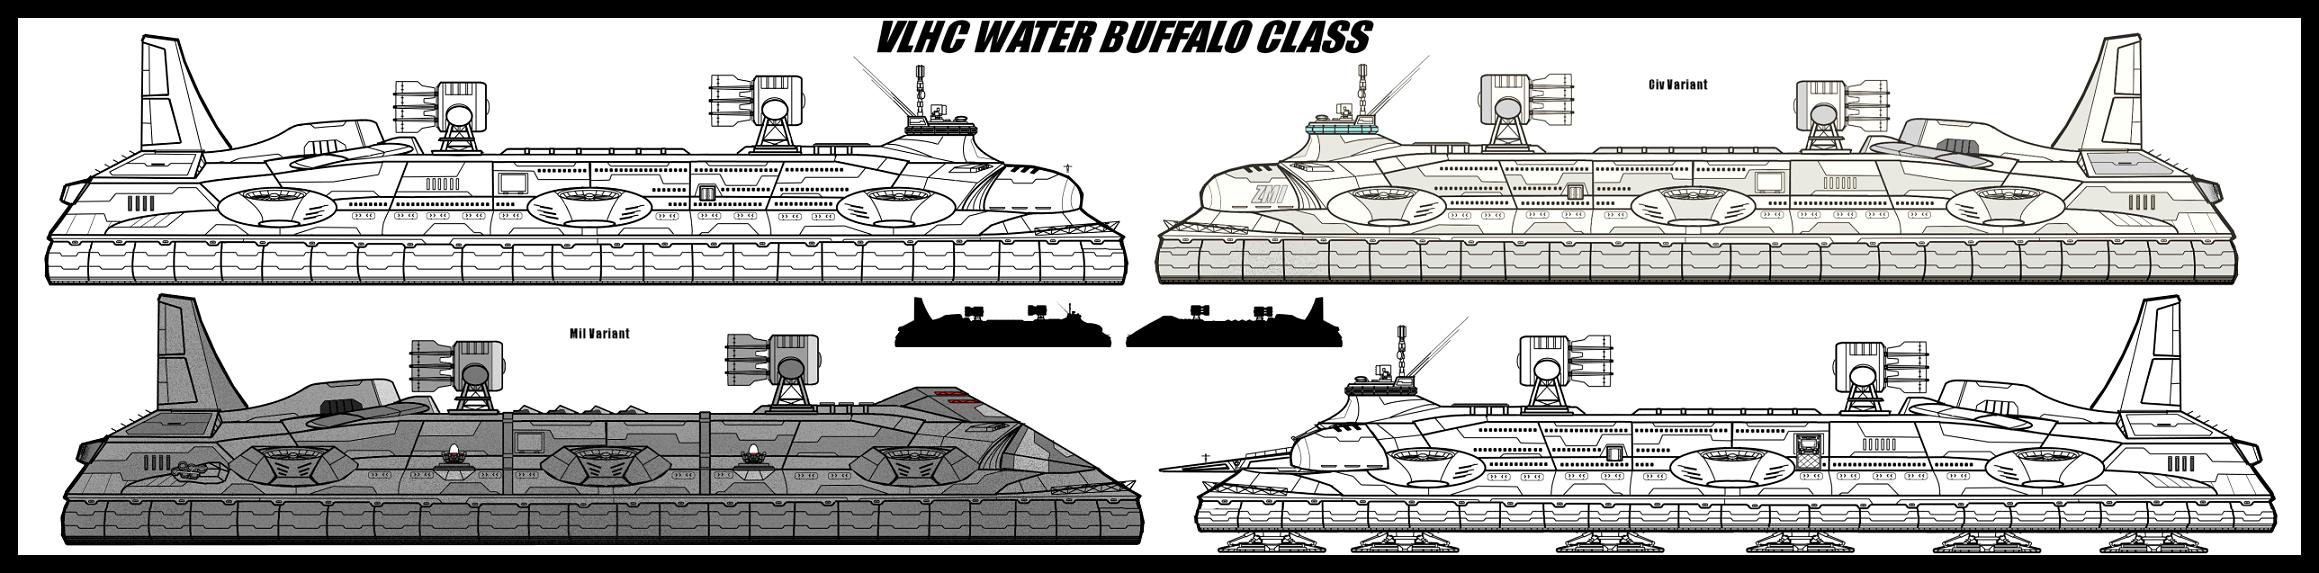 Water Buffalo class